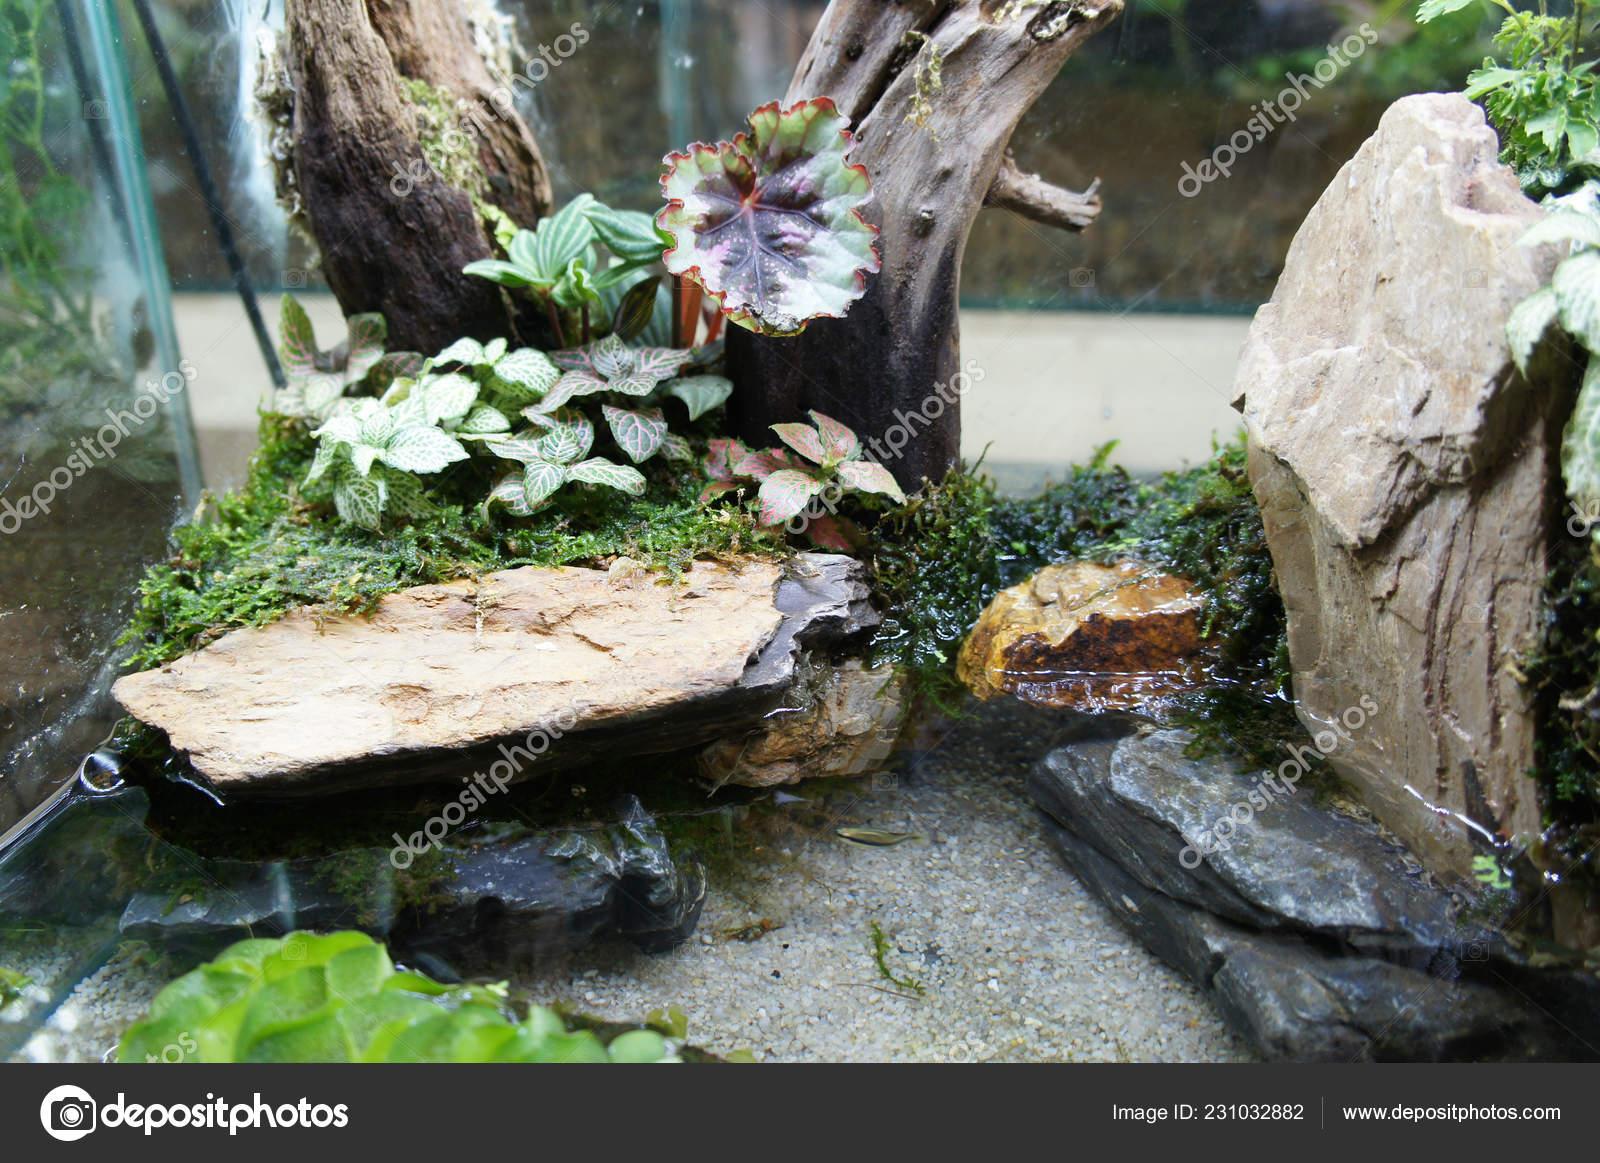 Aquascape Terrarium Design Small Glass Aquarium Displayed Public Stock Photo Image By C Aisyaqilumar 231032882